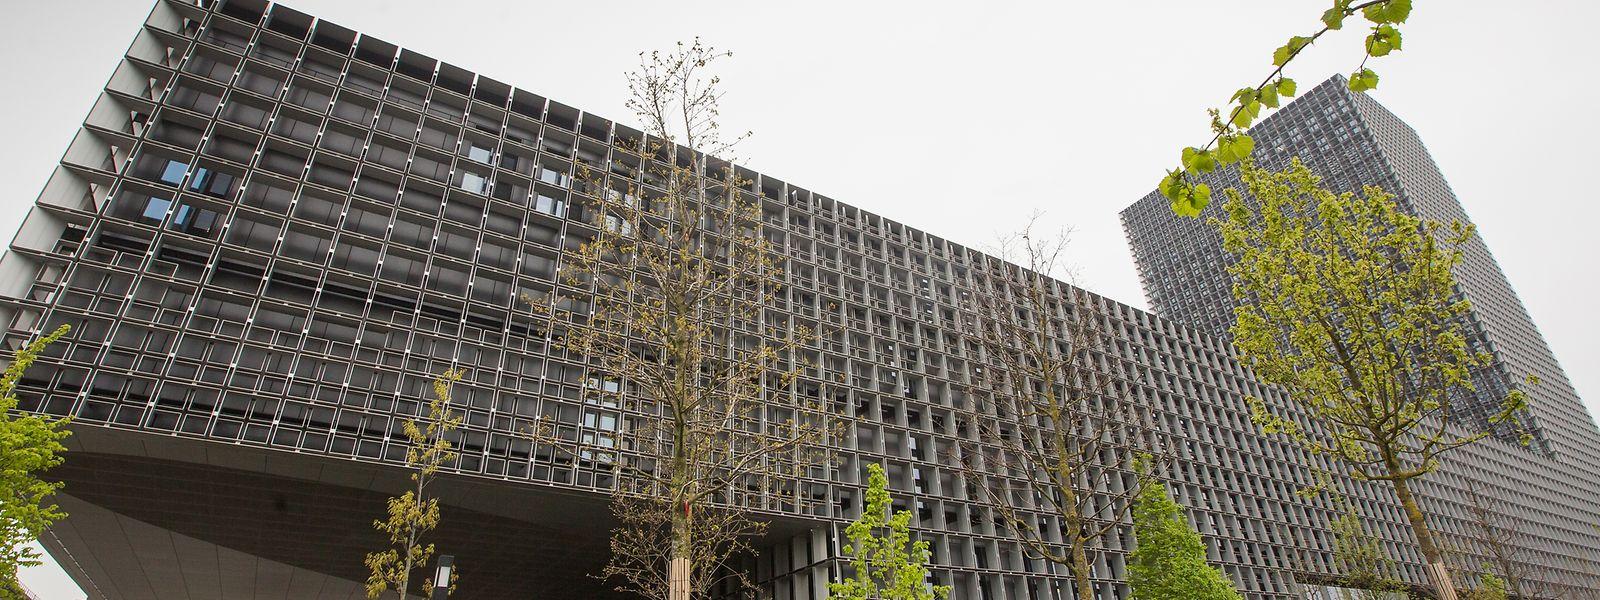 Das Gebäude der Universität Luxemburg in Belval.